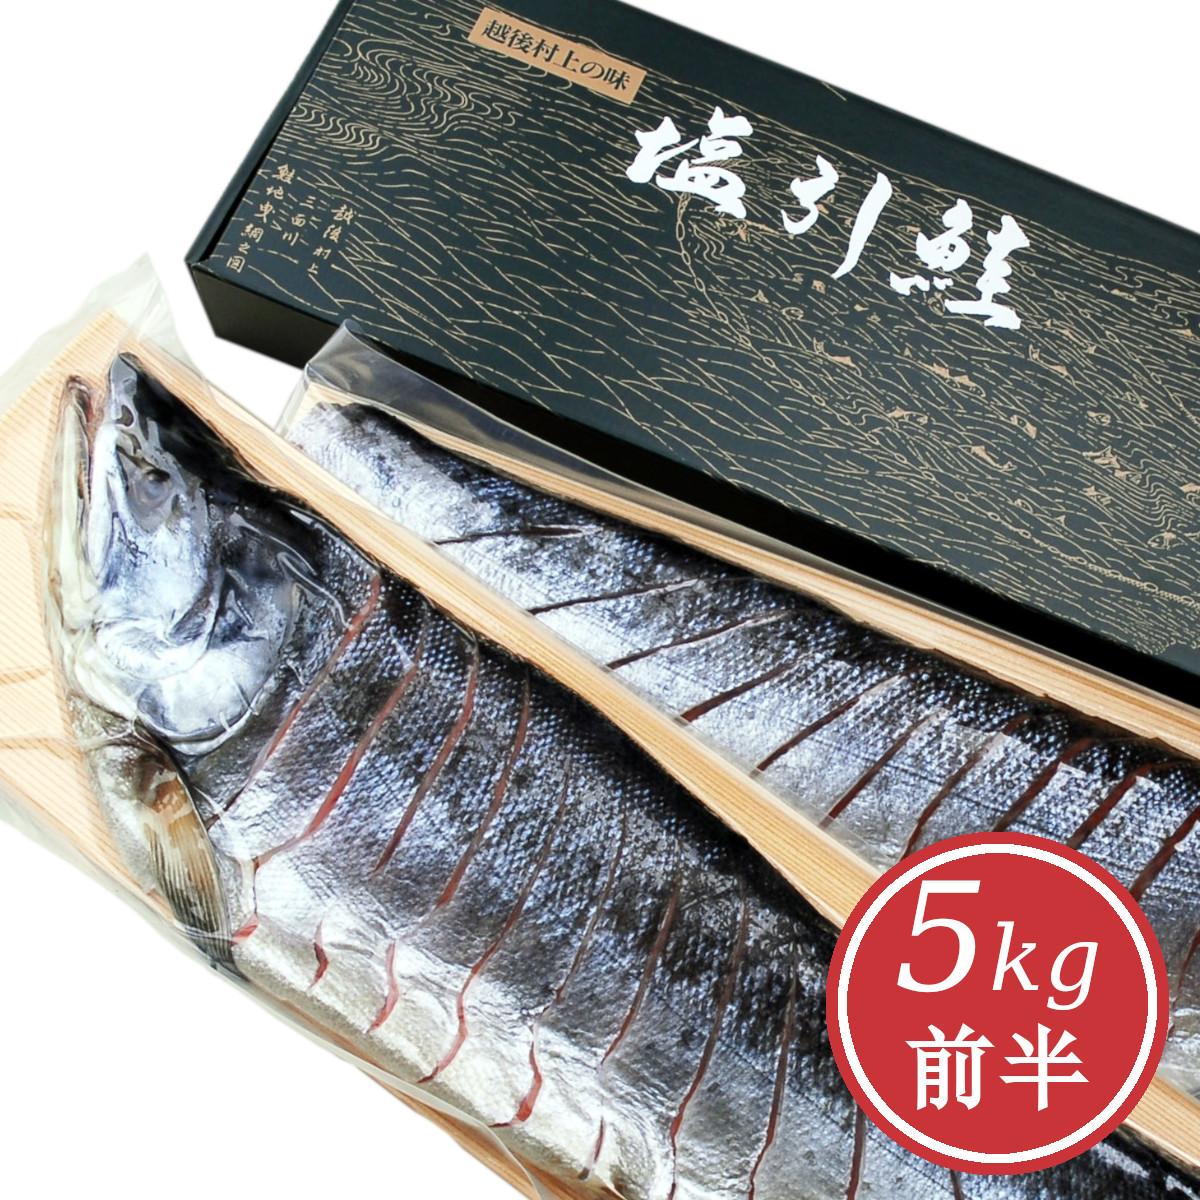 塩引鮭(塩引き鮭)切身姿造り5kg前半